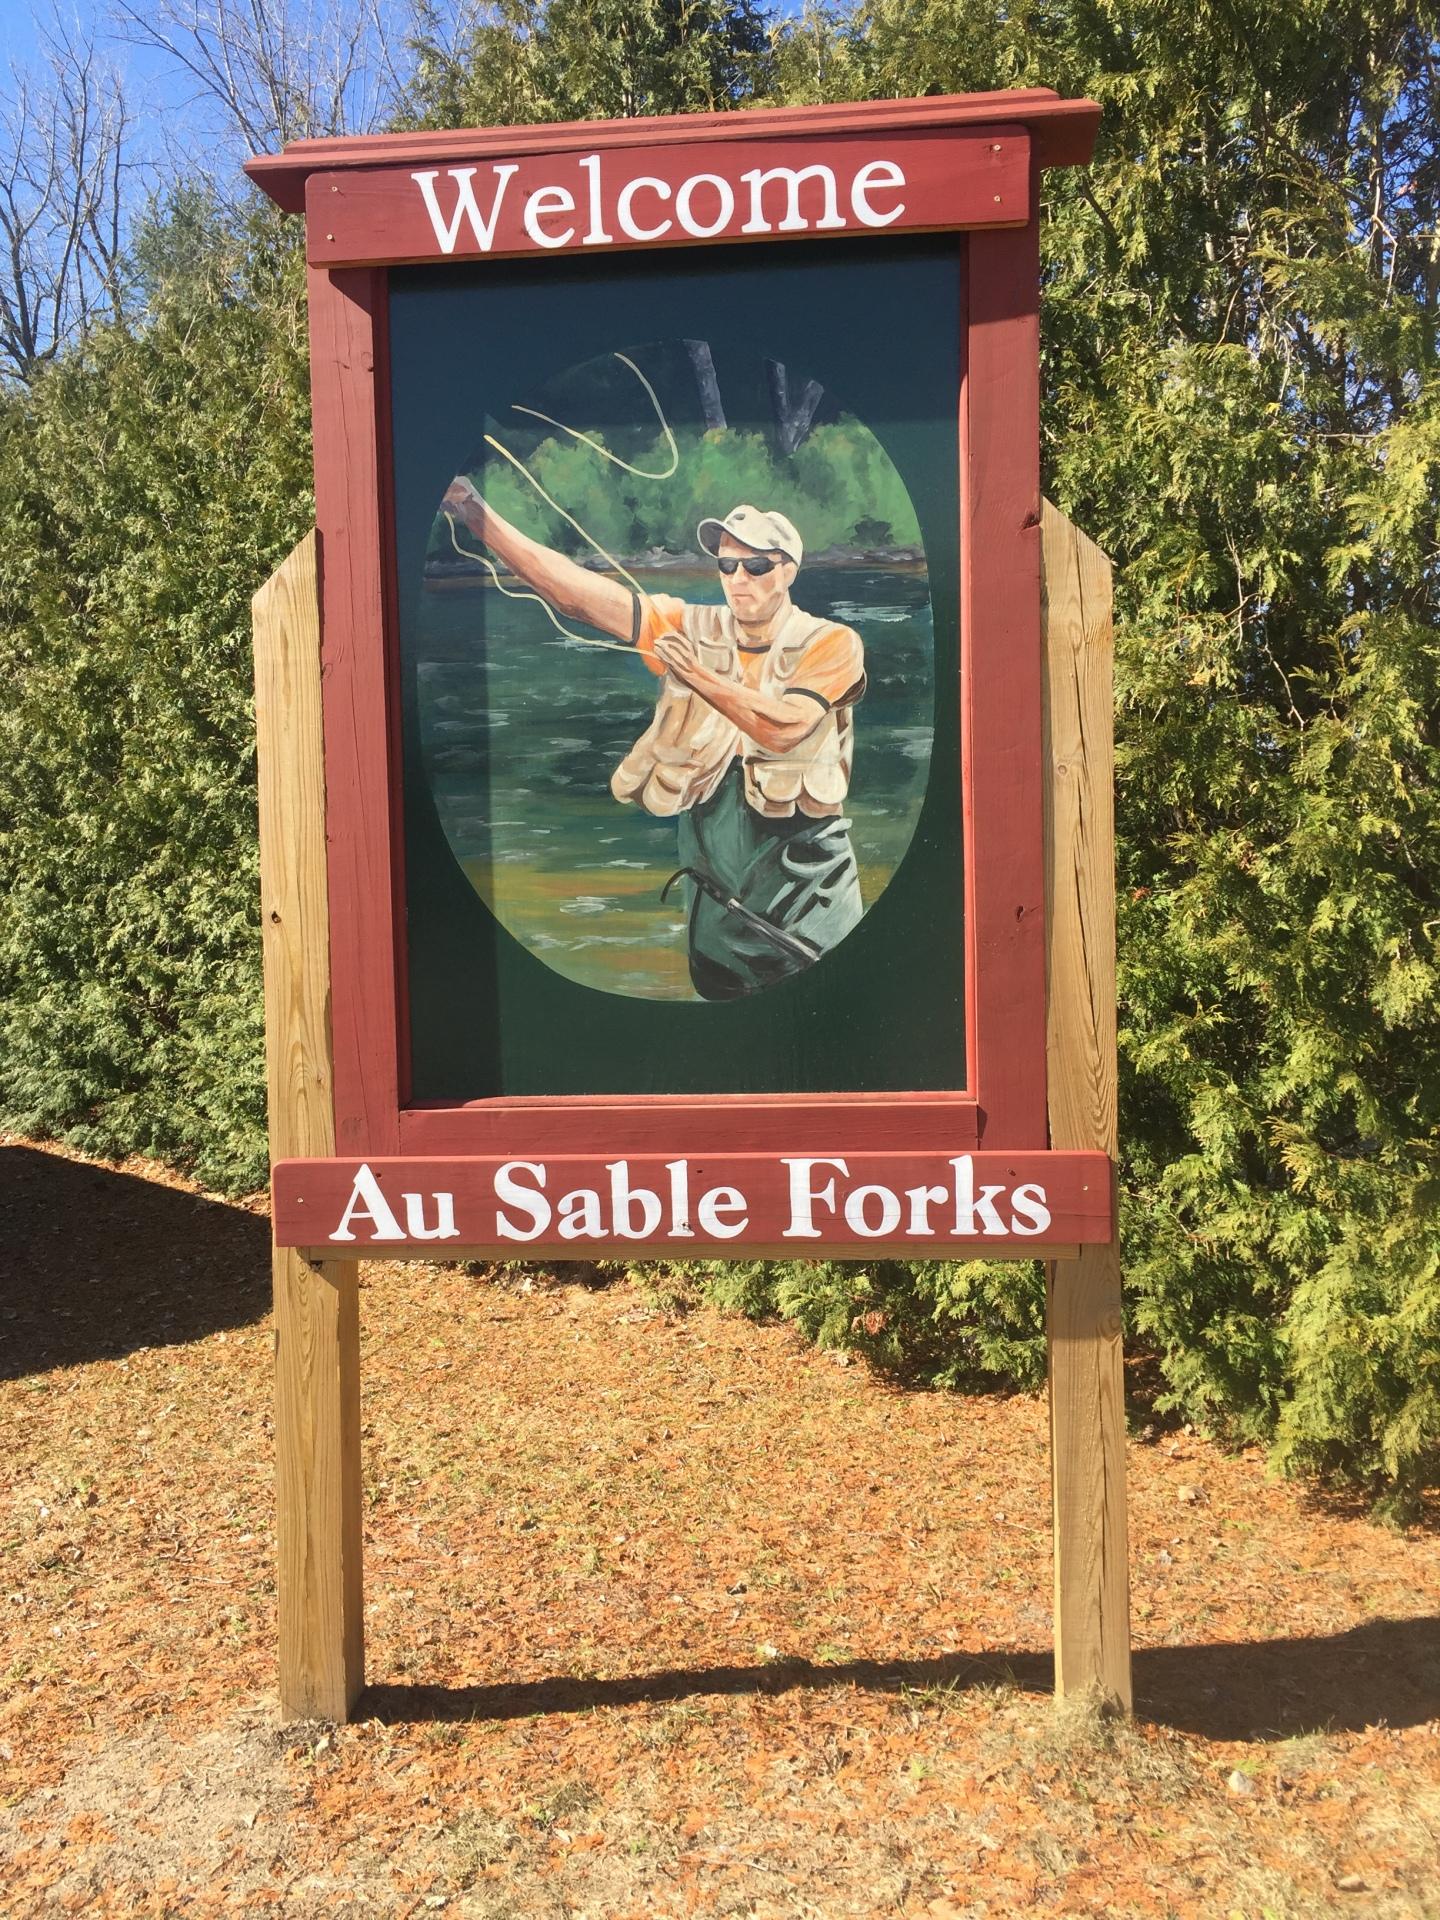 Au Sable Forks